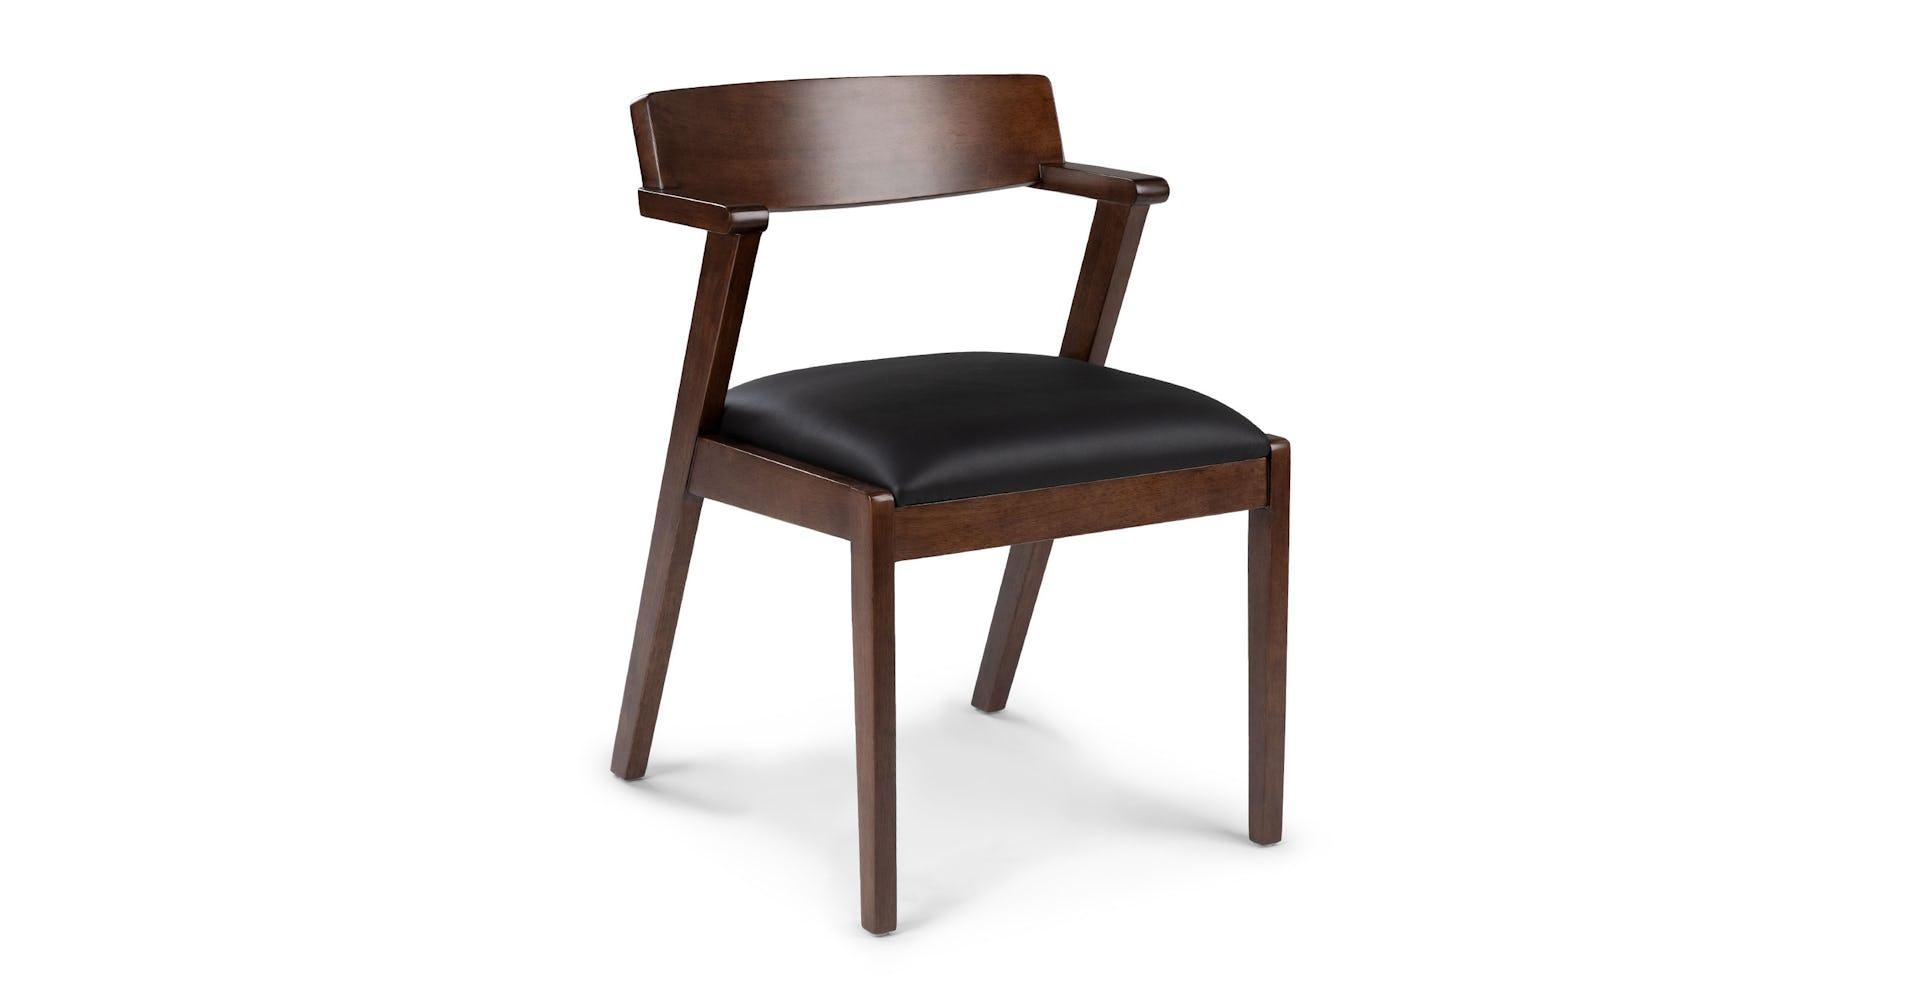 Fantastic Zola Black Leather Dining Chair Inzonedesignstudio Interior Chair Design Inzonedesignstudiocom